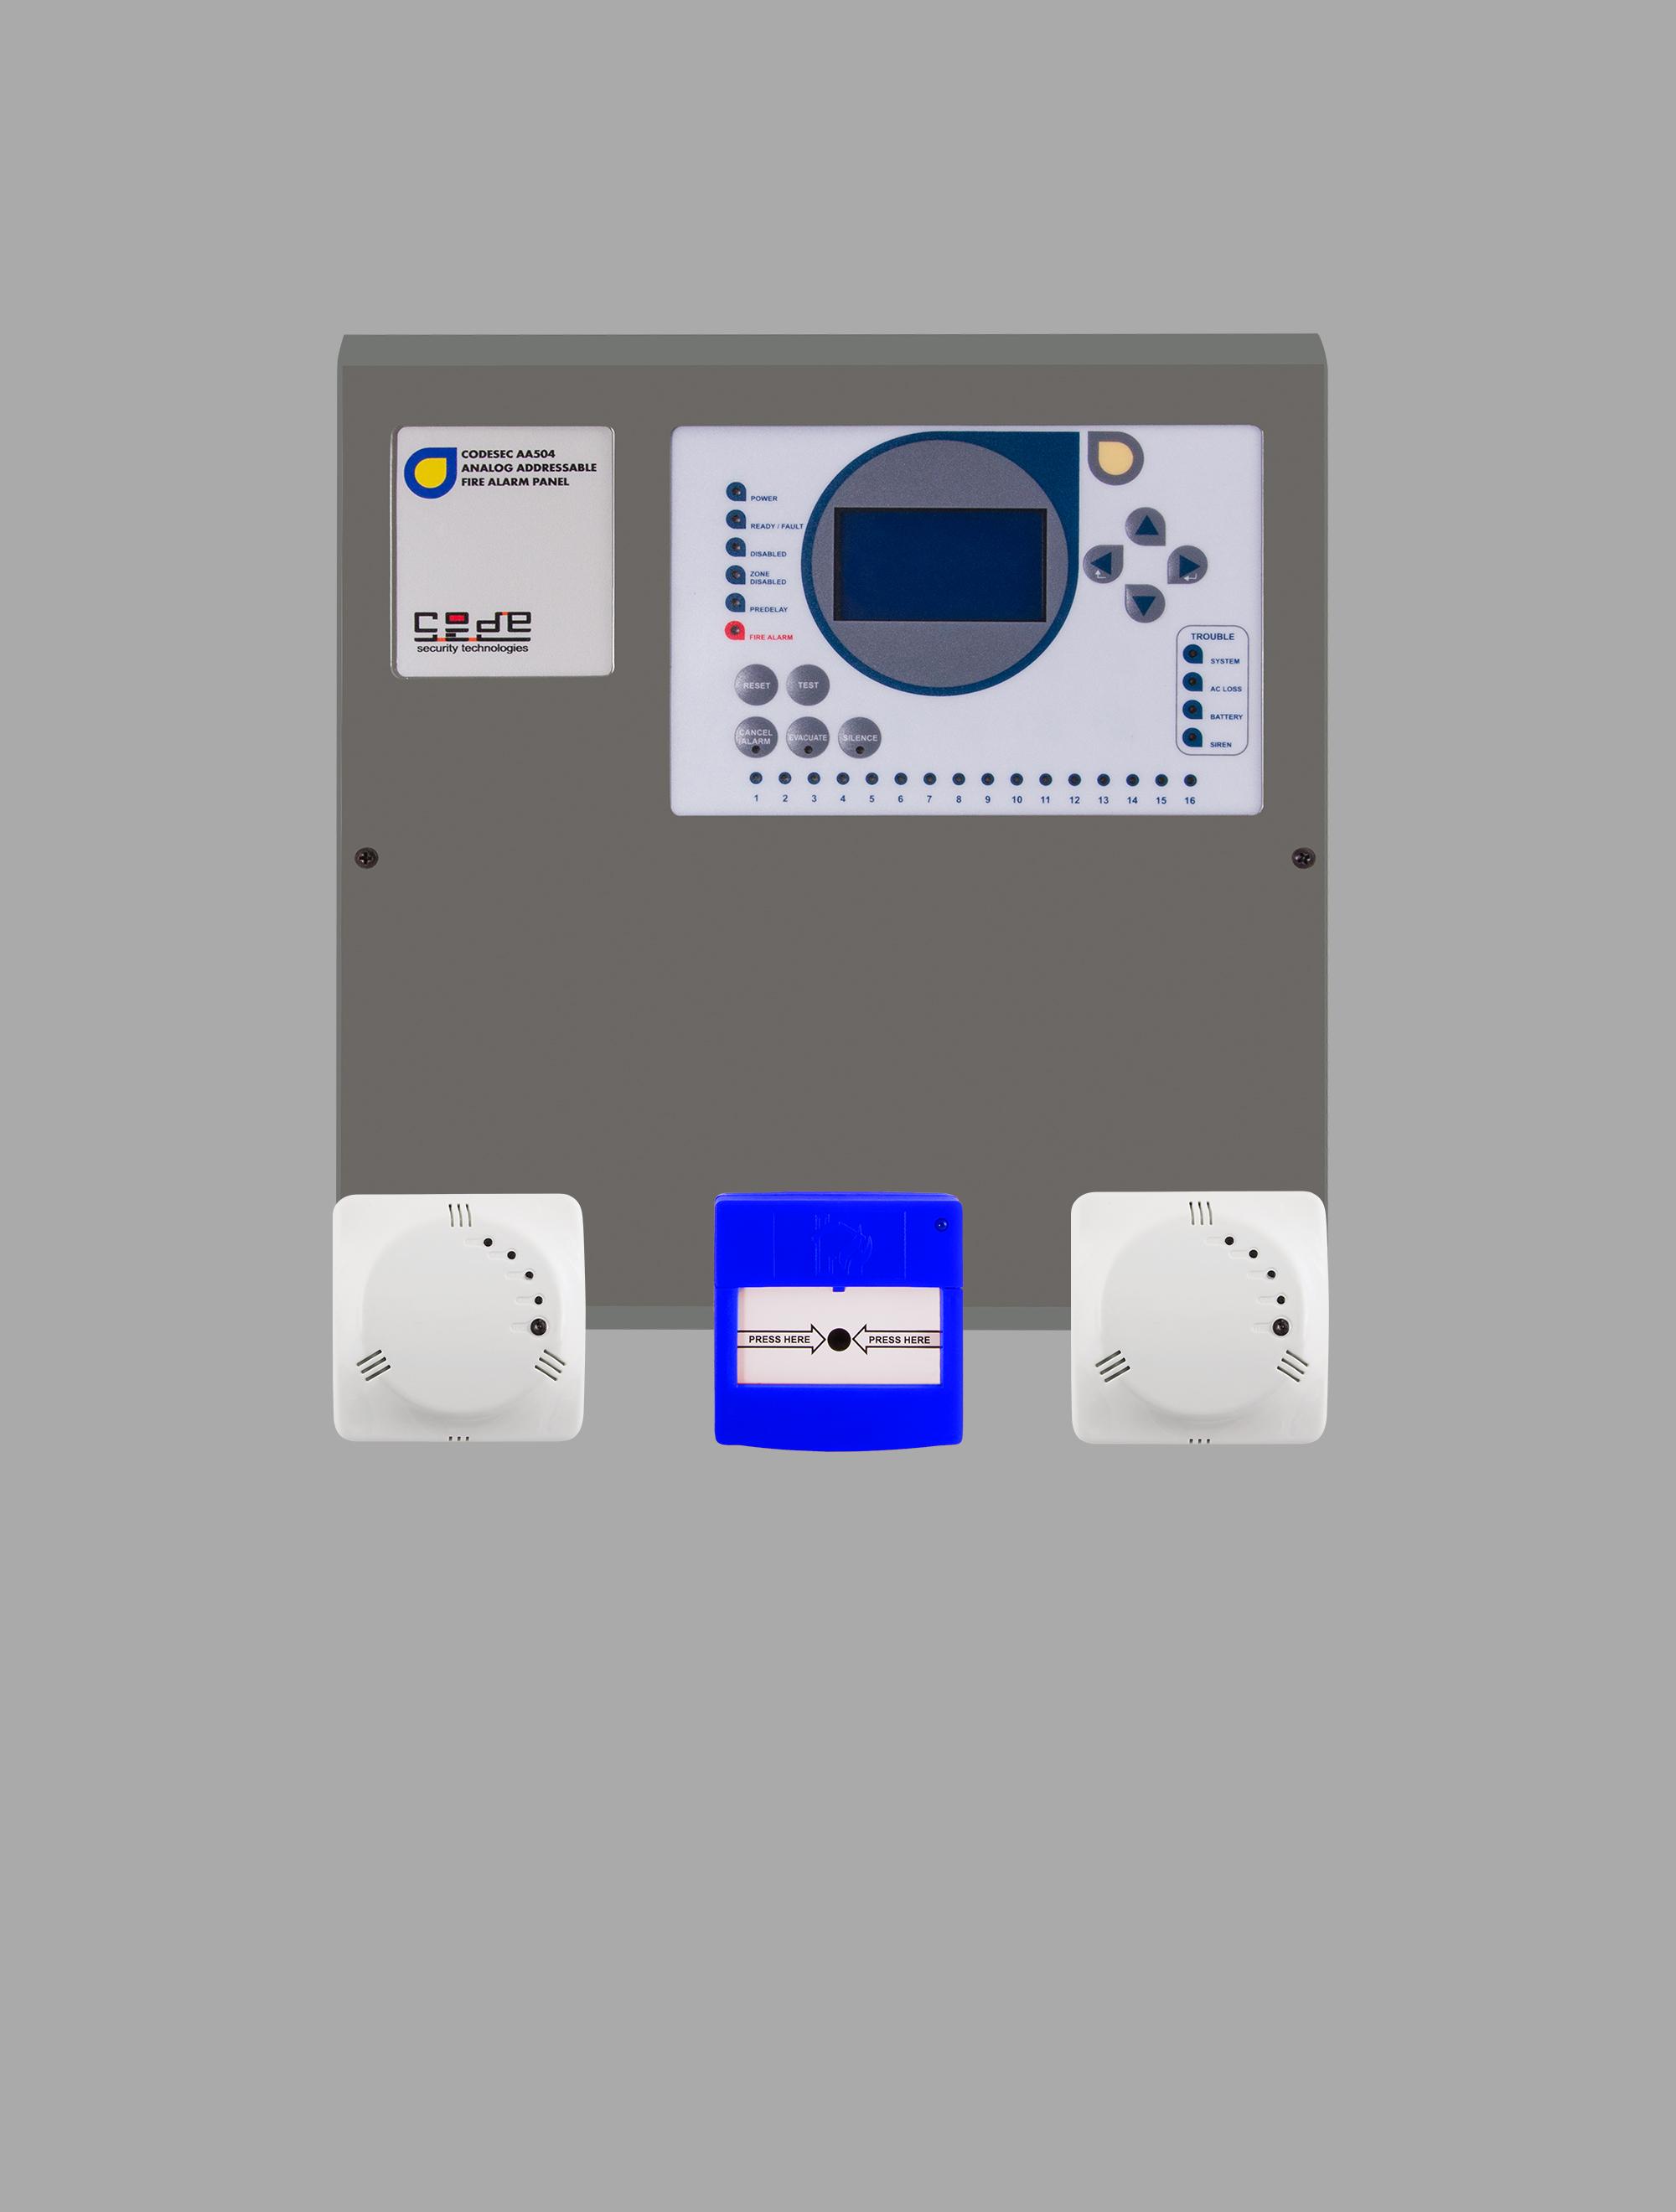 Adresli Karbonmonoksit Algılama ve Kontrol Sistemleri